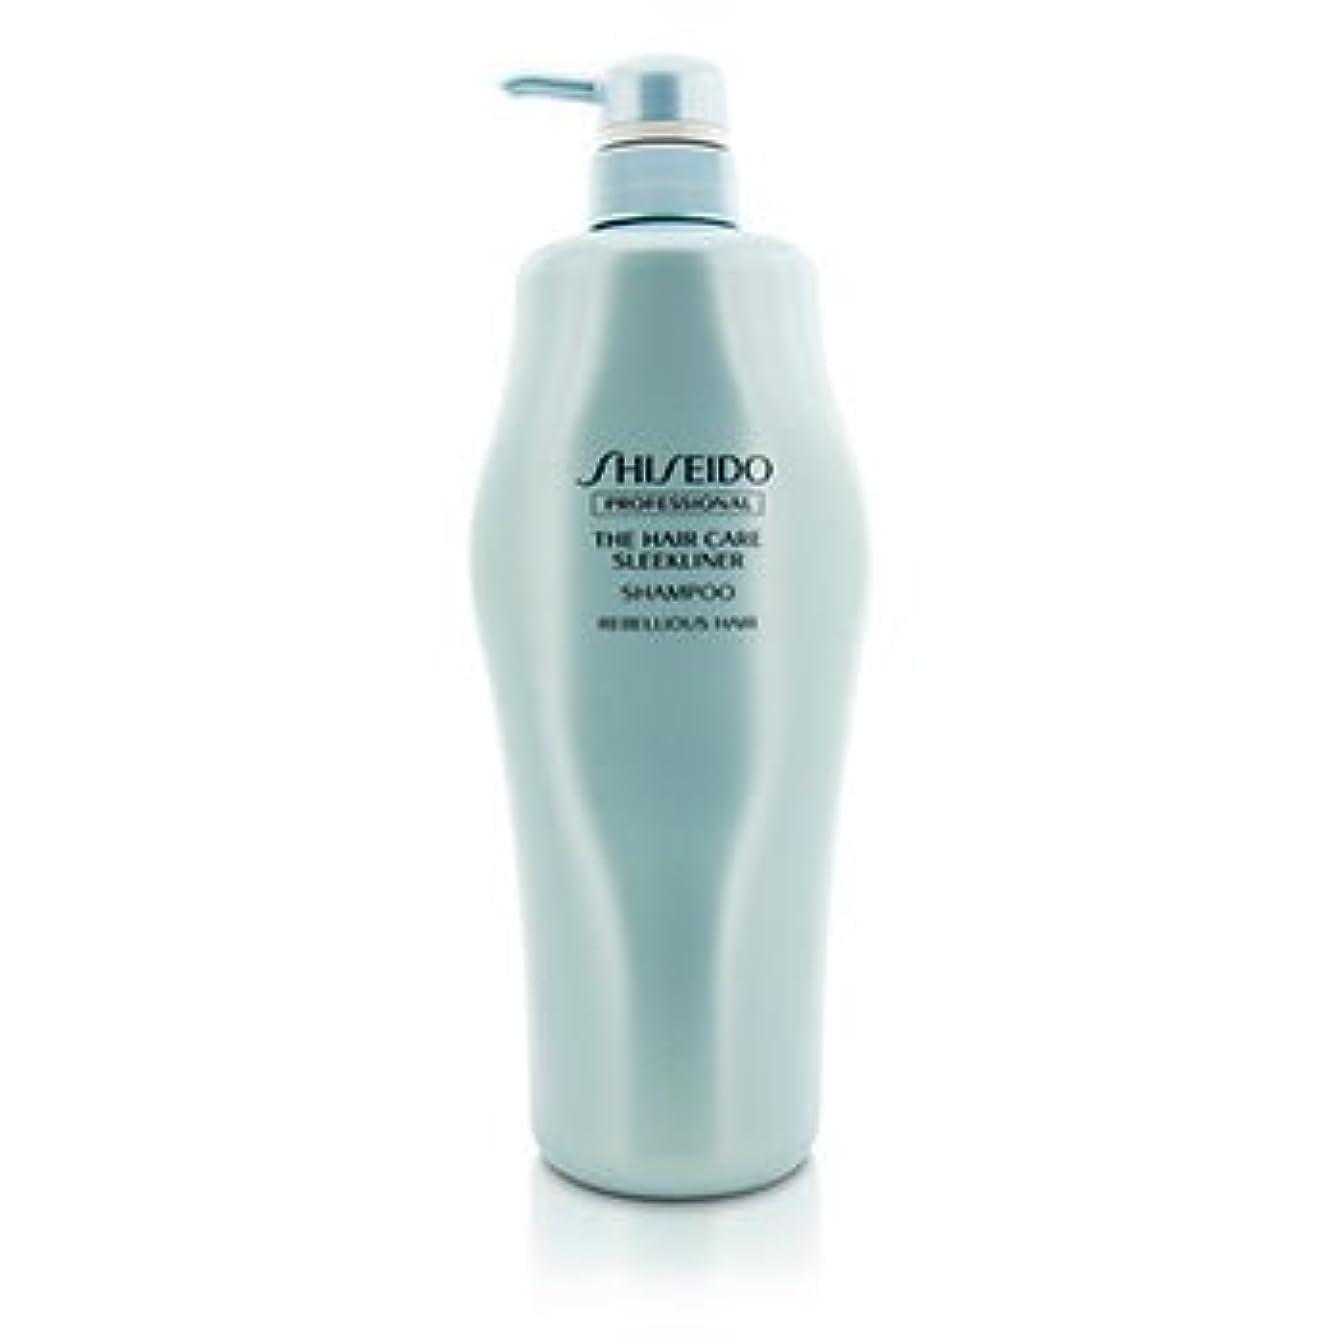 七時半気球酸素[Shiseido] The Hair Care Sleekliner Shampoo (Rebellious Hair) 1000ml/33.8oz